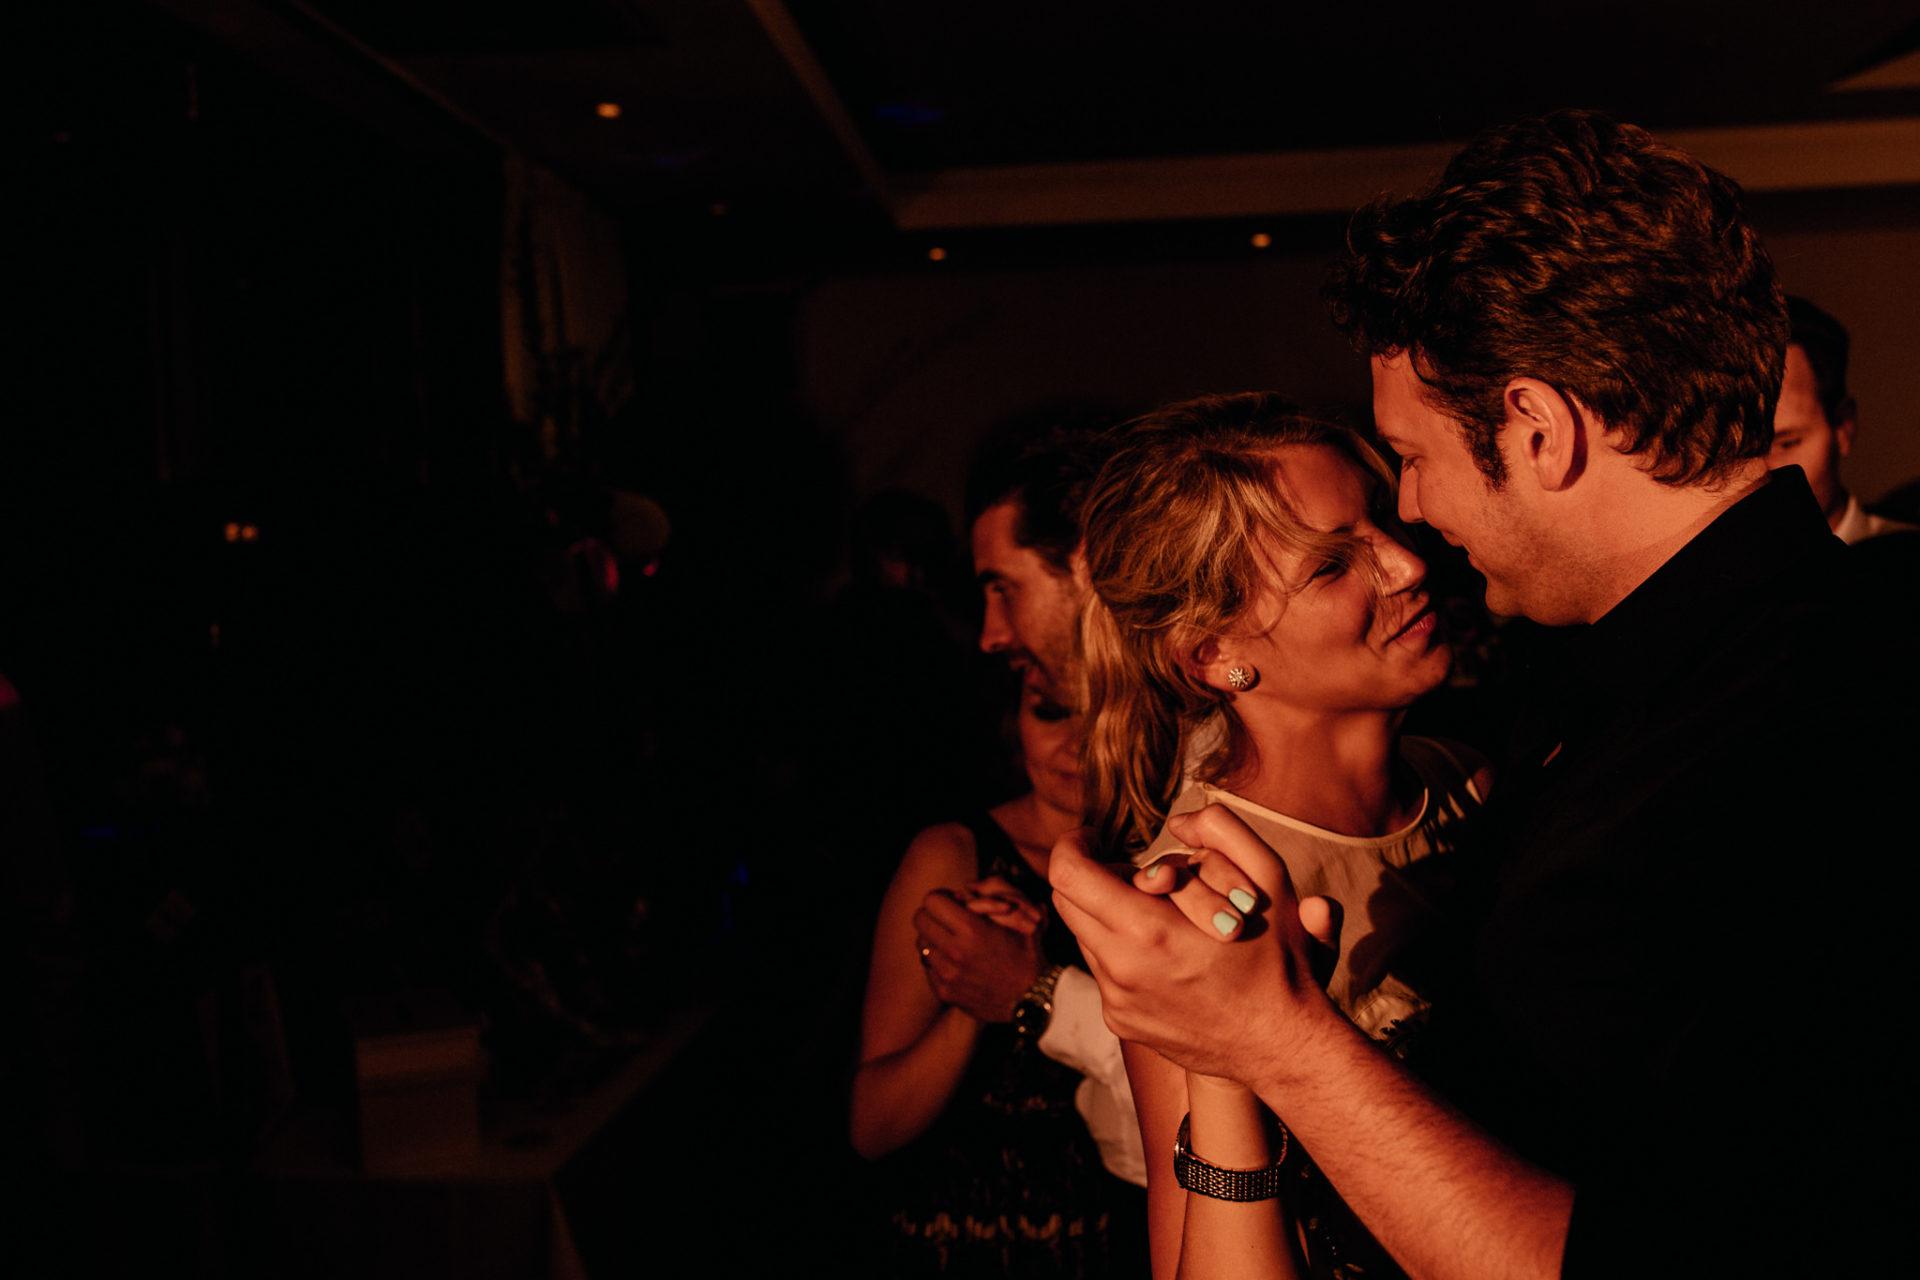 Weingut Fitz Ritter Hochzeitsfotograf-heiraten Pfalz-Sommerhochzeit Party Tanzen